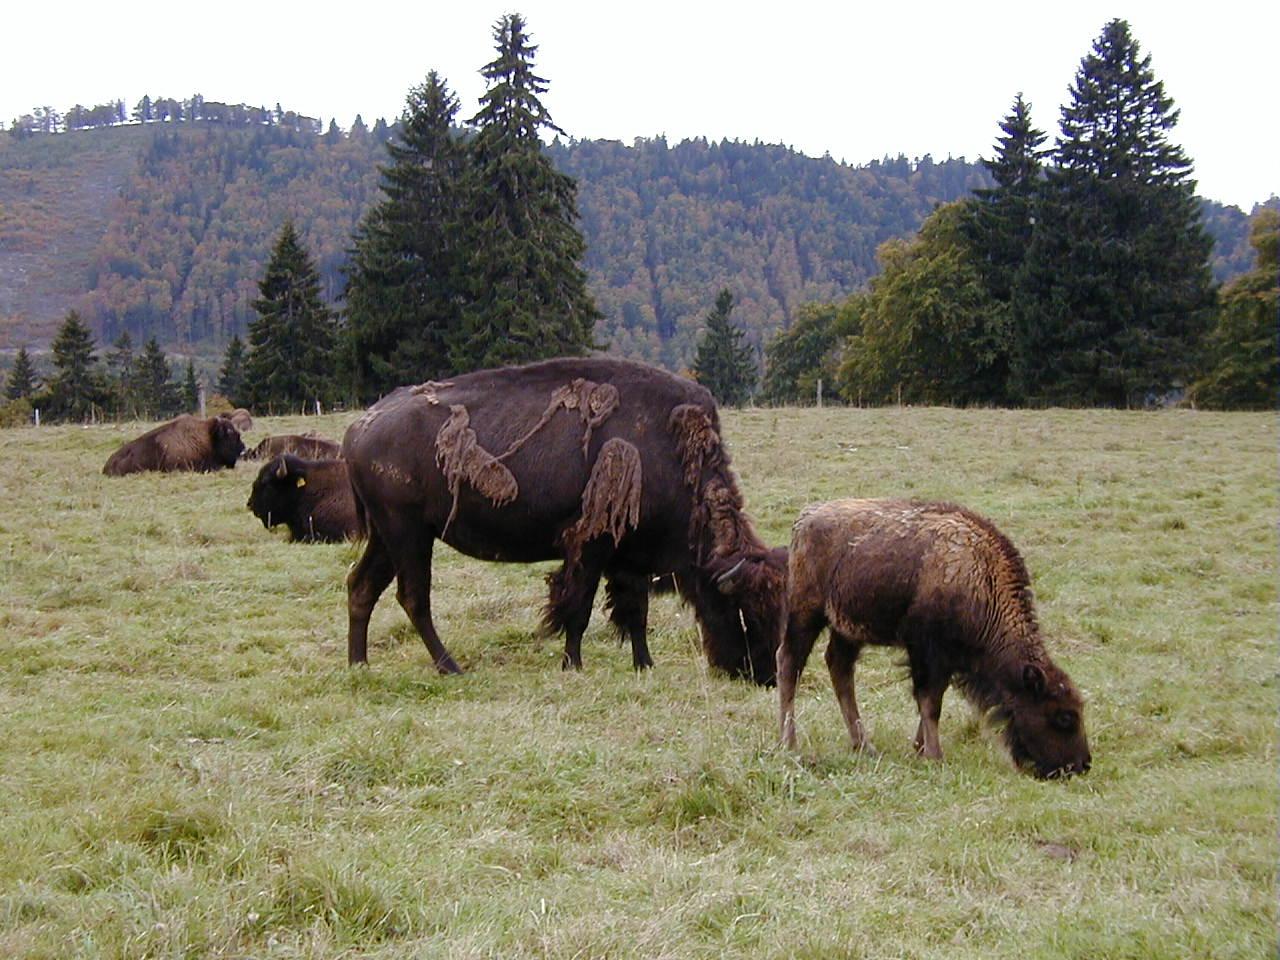 Seit vielen Jahren ein vertrautes Bild ... die Bisons (Büffel) auf der Weide